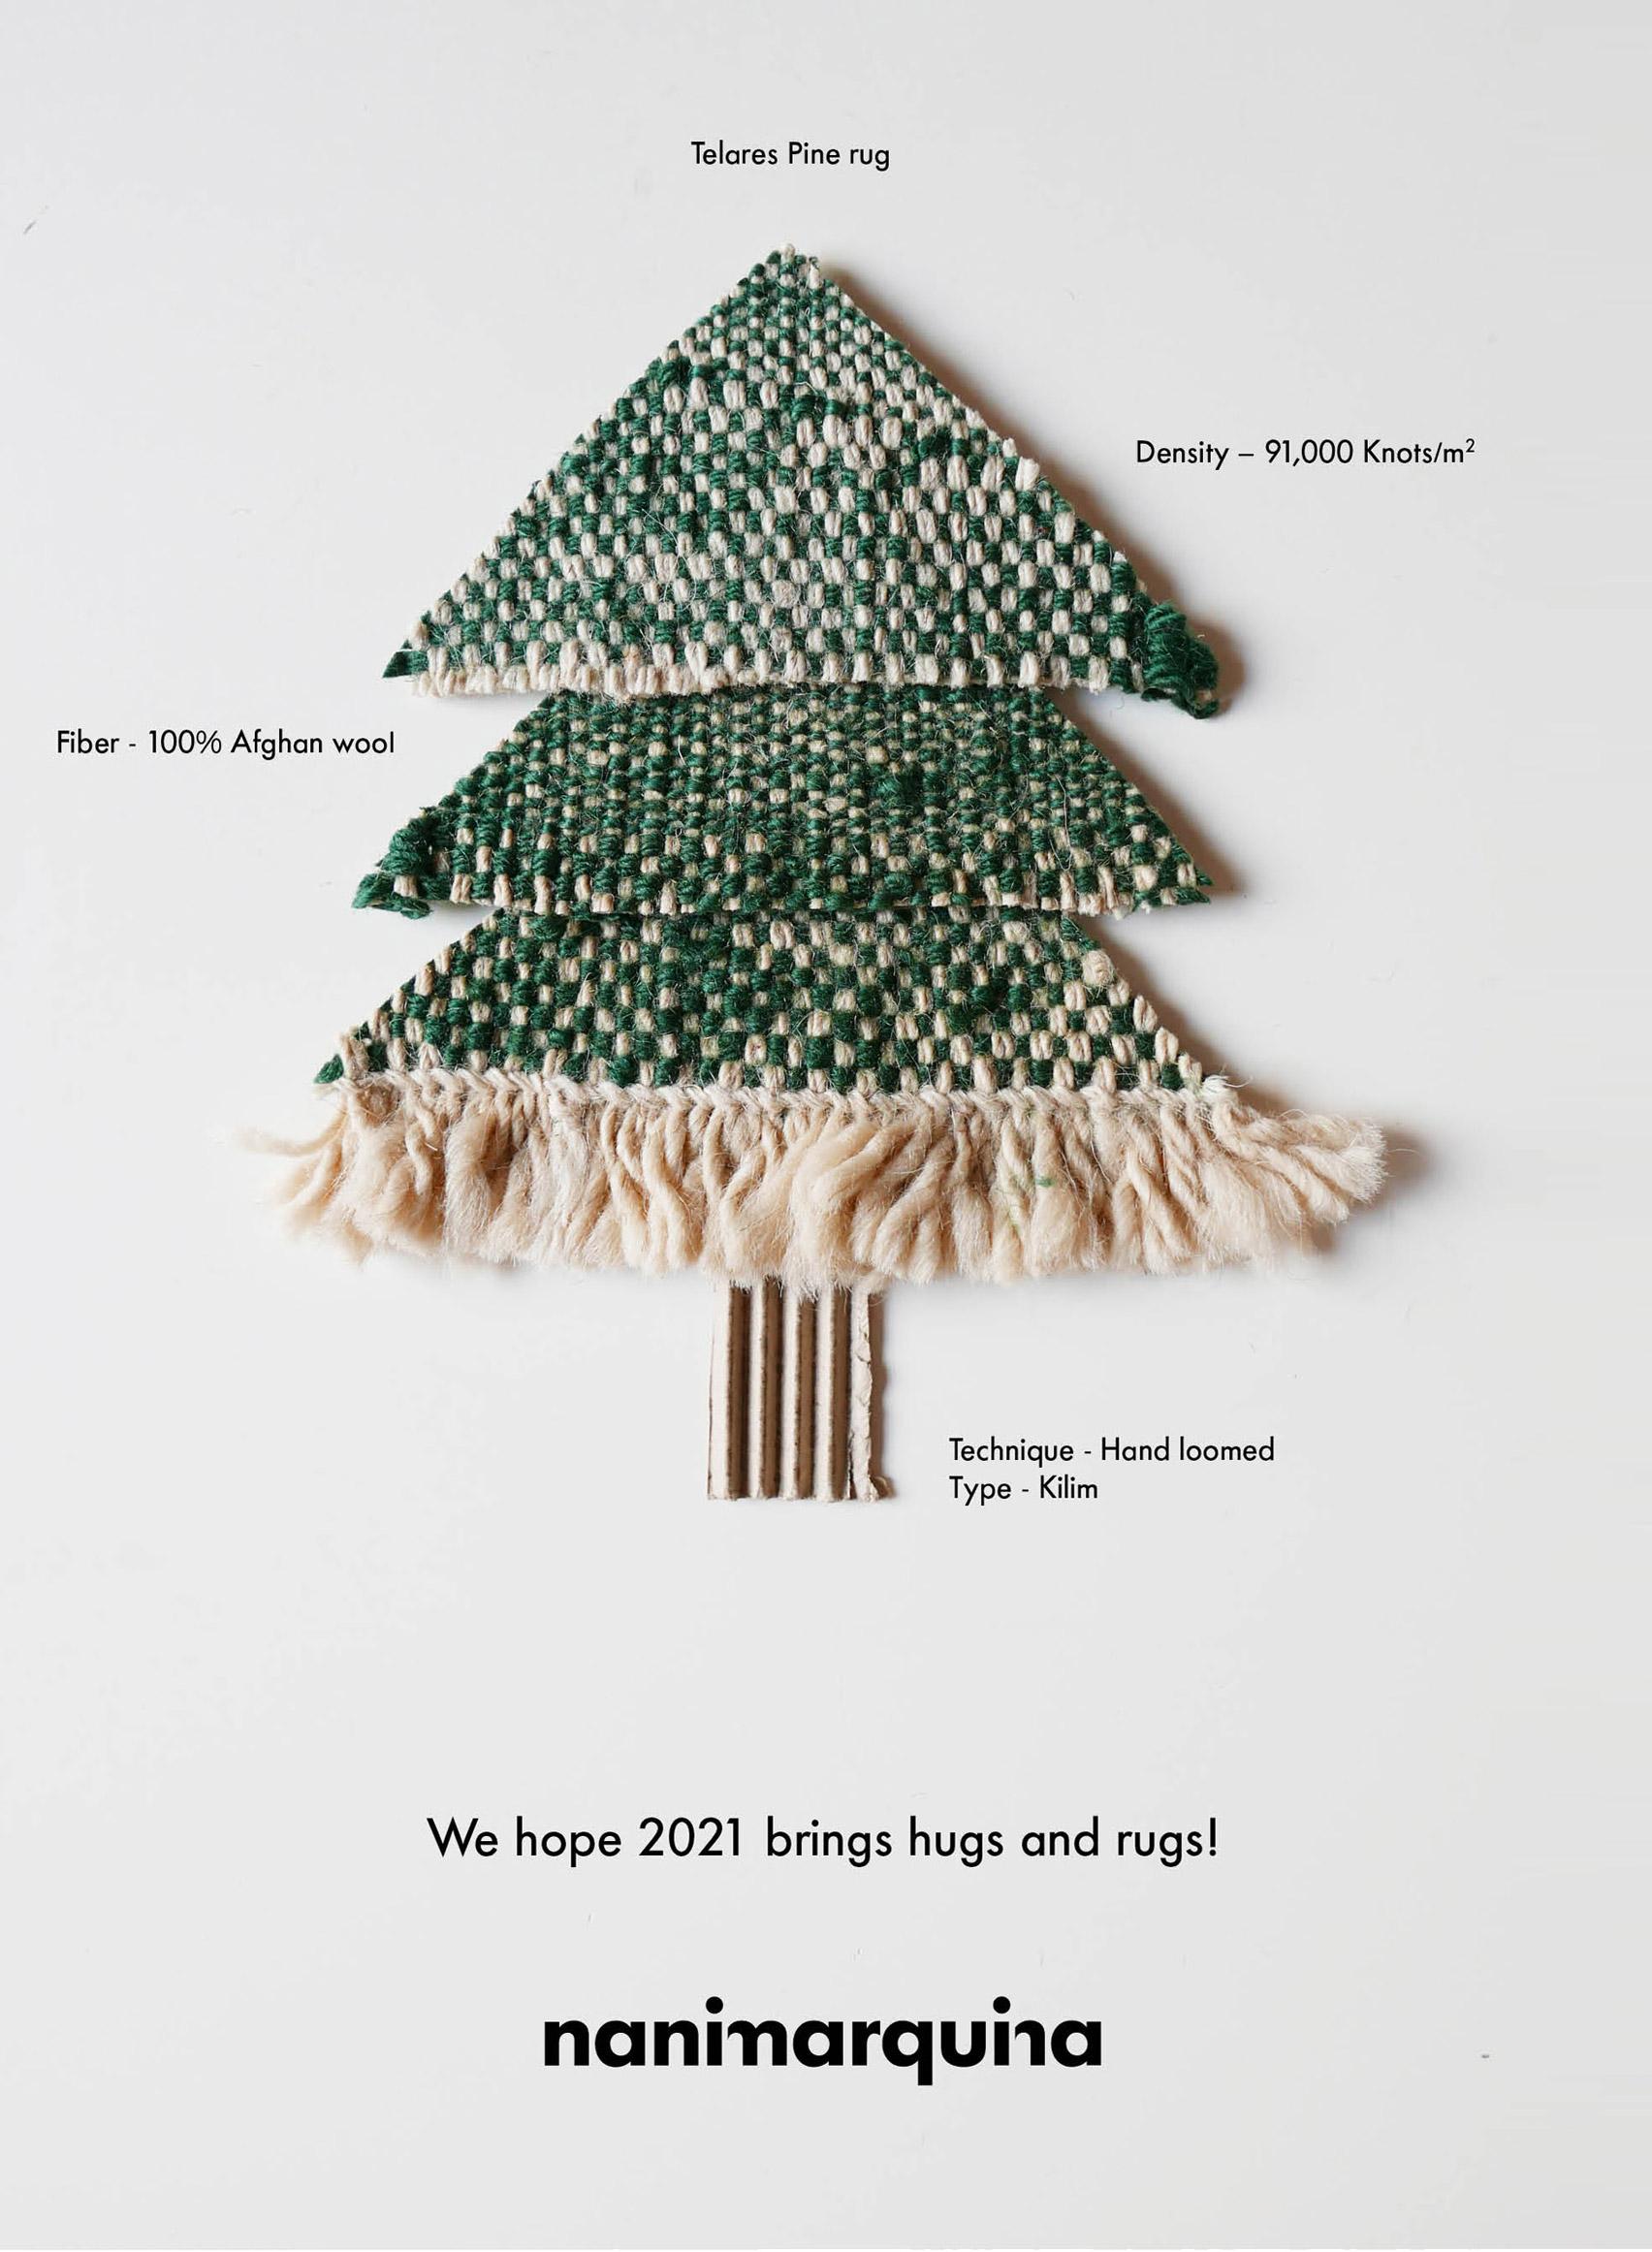 Christmas card by Nanimarquina